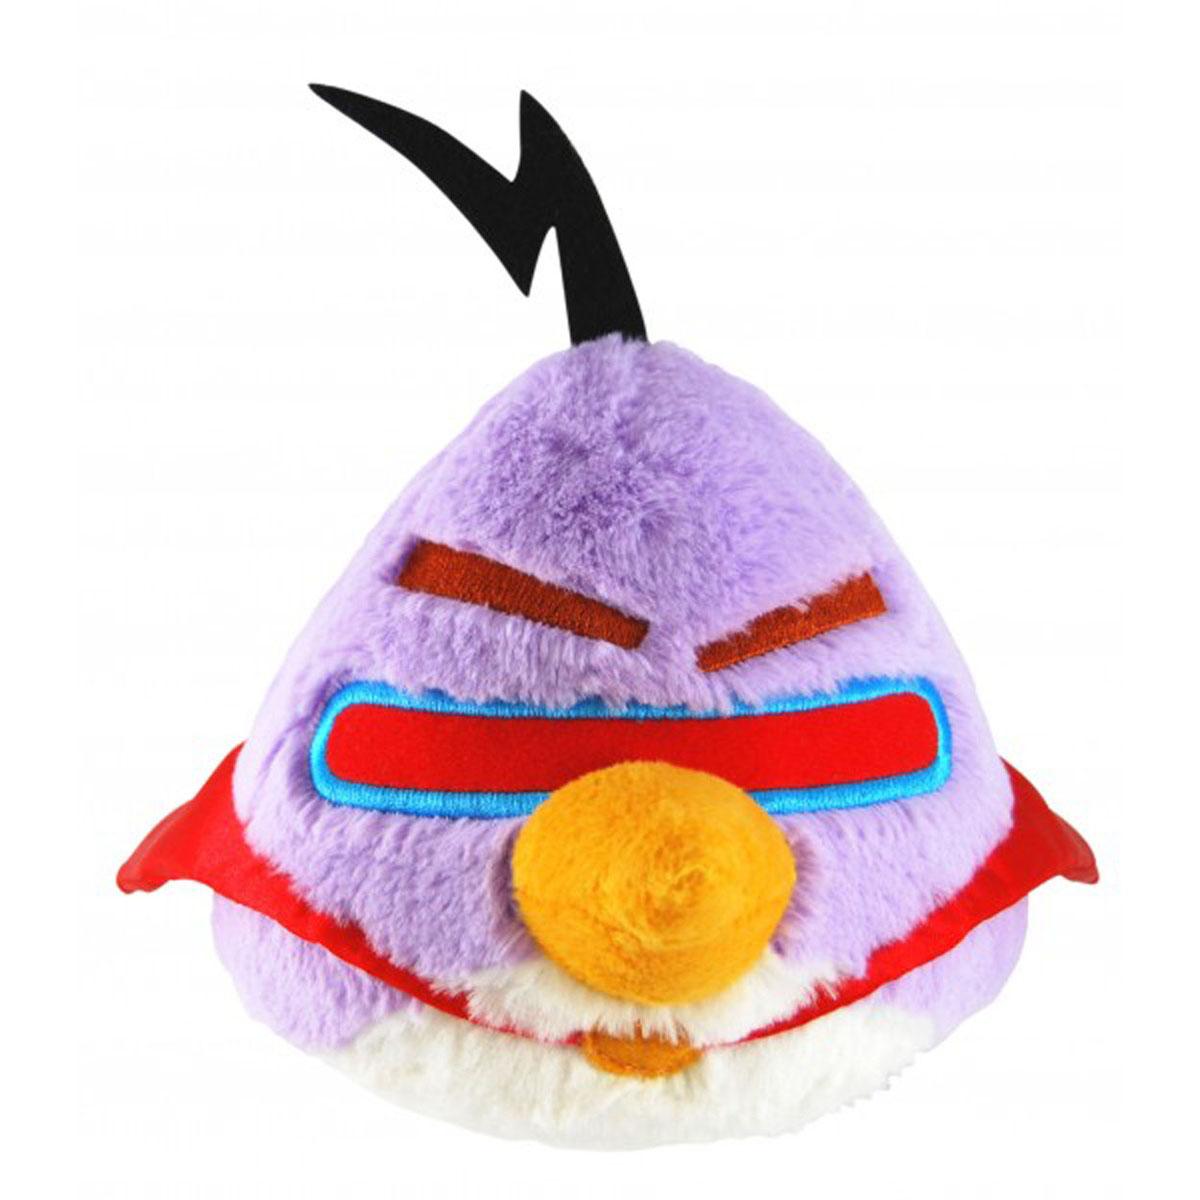 Мягкая игрушка Angry Birds Space, фиолетовая птица, со звуком, 40 см93024Мягкая игрушка Angry Birds Space, выполненная в виде персонажа всеми любимой игры Angry Birds - птички, подарит вашему ребенку много радости и веселья! Игрушка удивительно приятна на ощупь. При нажатии на игрушку, ваш ребенок услышит забавные звуки. Порадуйте своего ребенка таким замечательным подарком. Чудесная мягкая игрушка принесет радость и подарит своему обладателю мгновения нежных объятий и приятных воспоминаний.